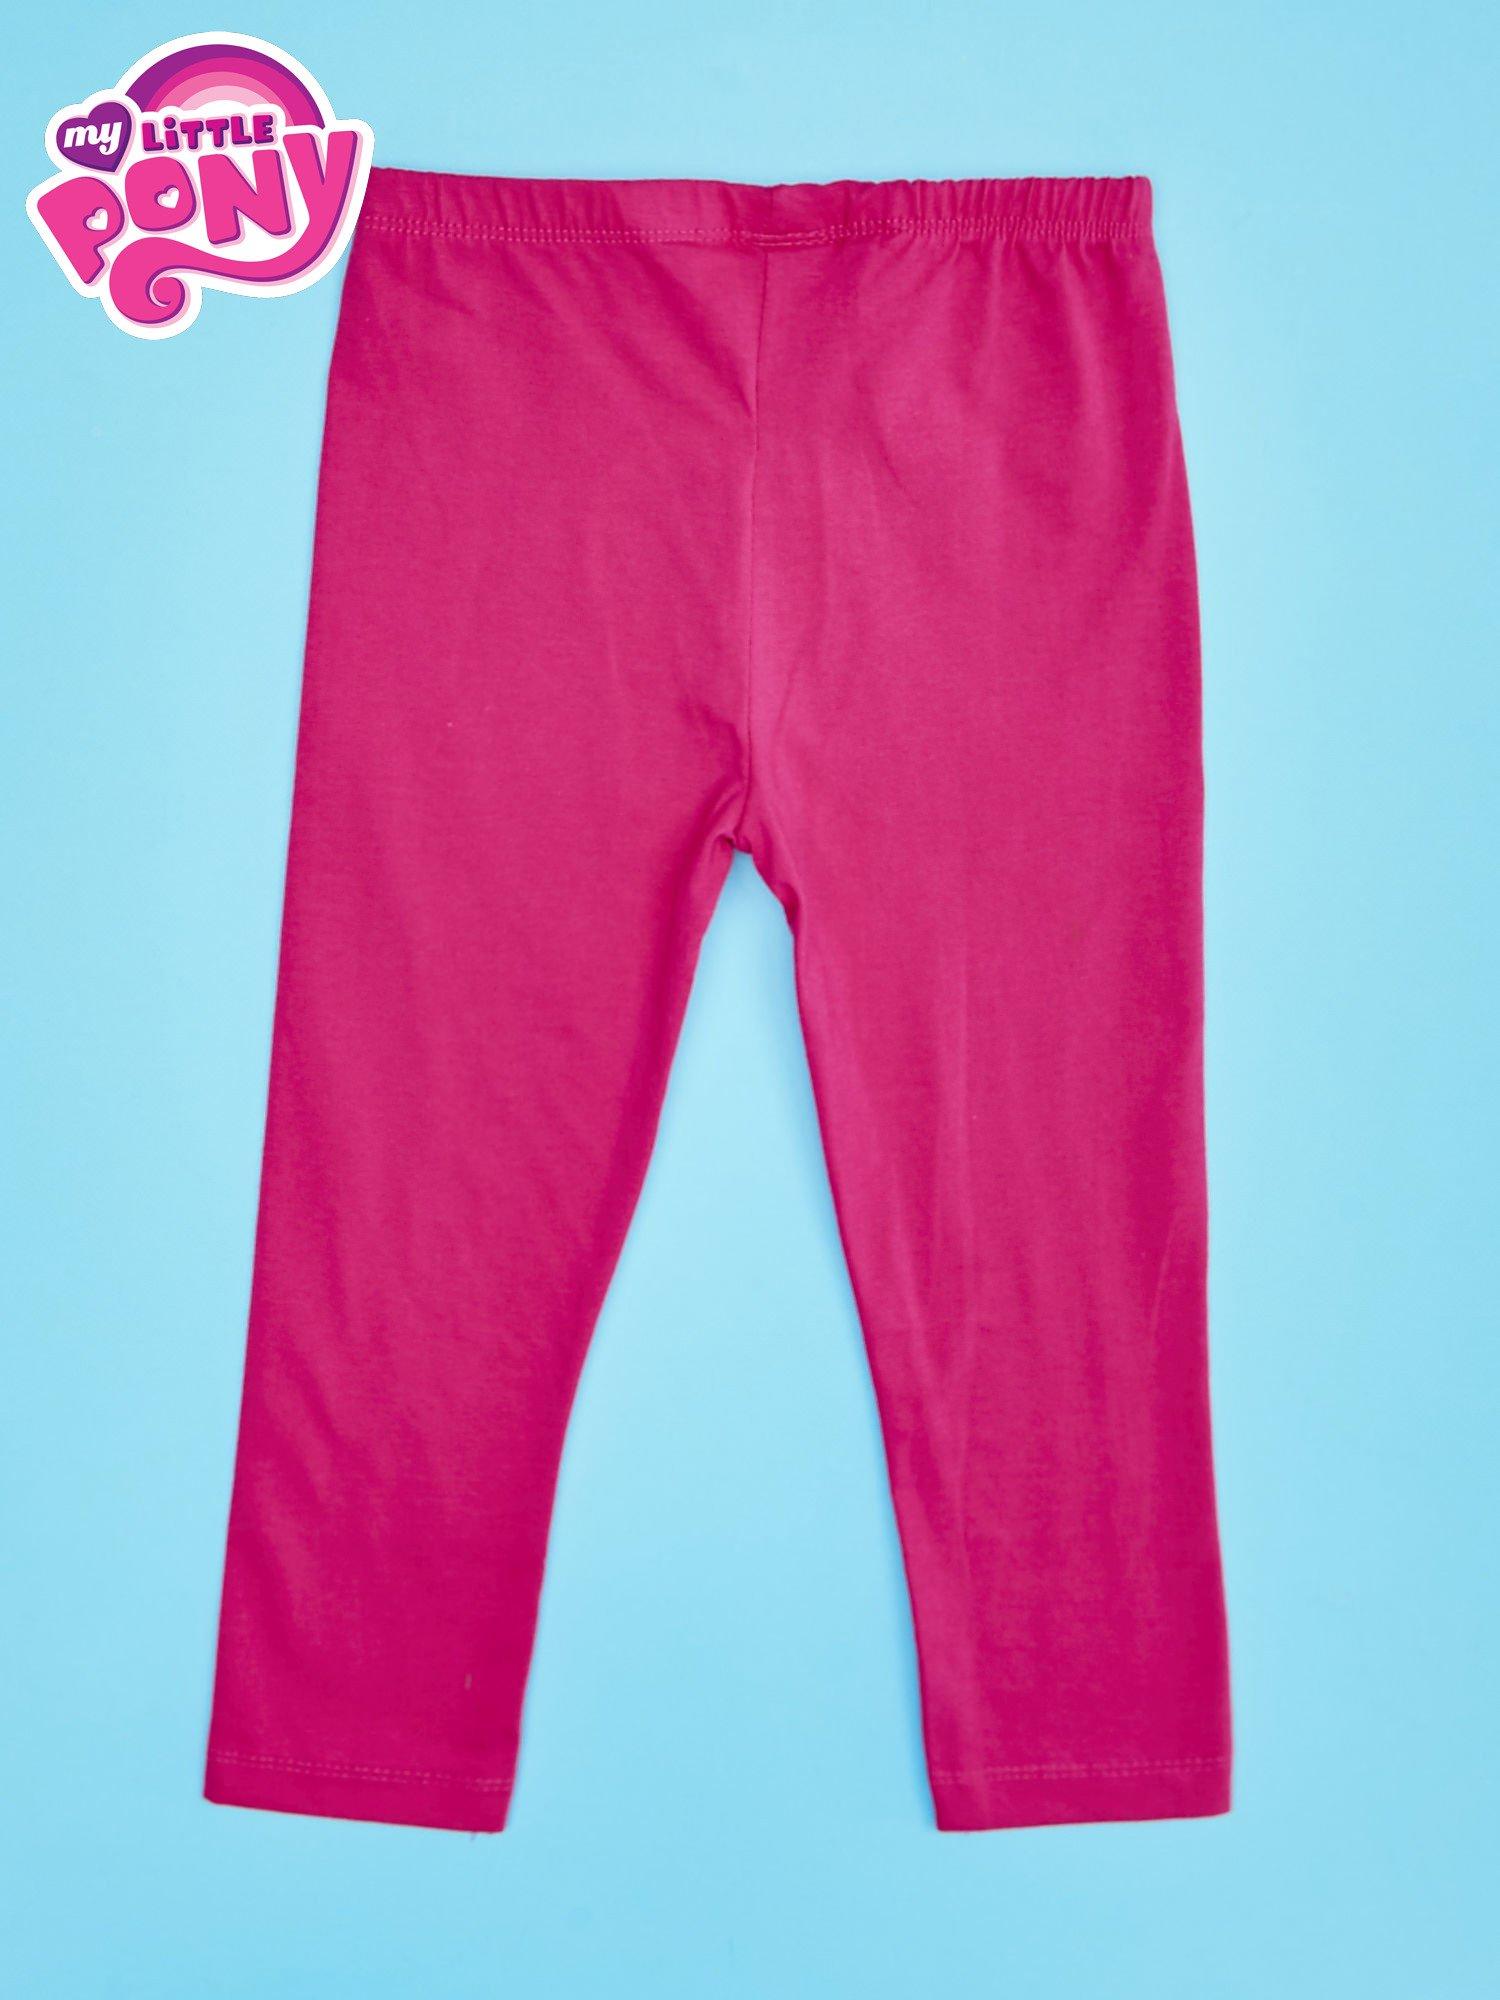 Różowe legginsy dla dziewczynki MY LITTLE PONY                                  zdj.                                  2